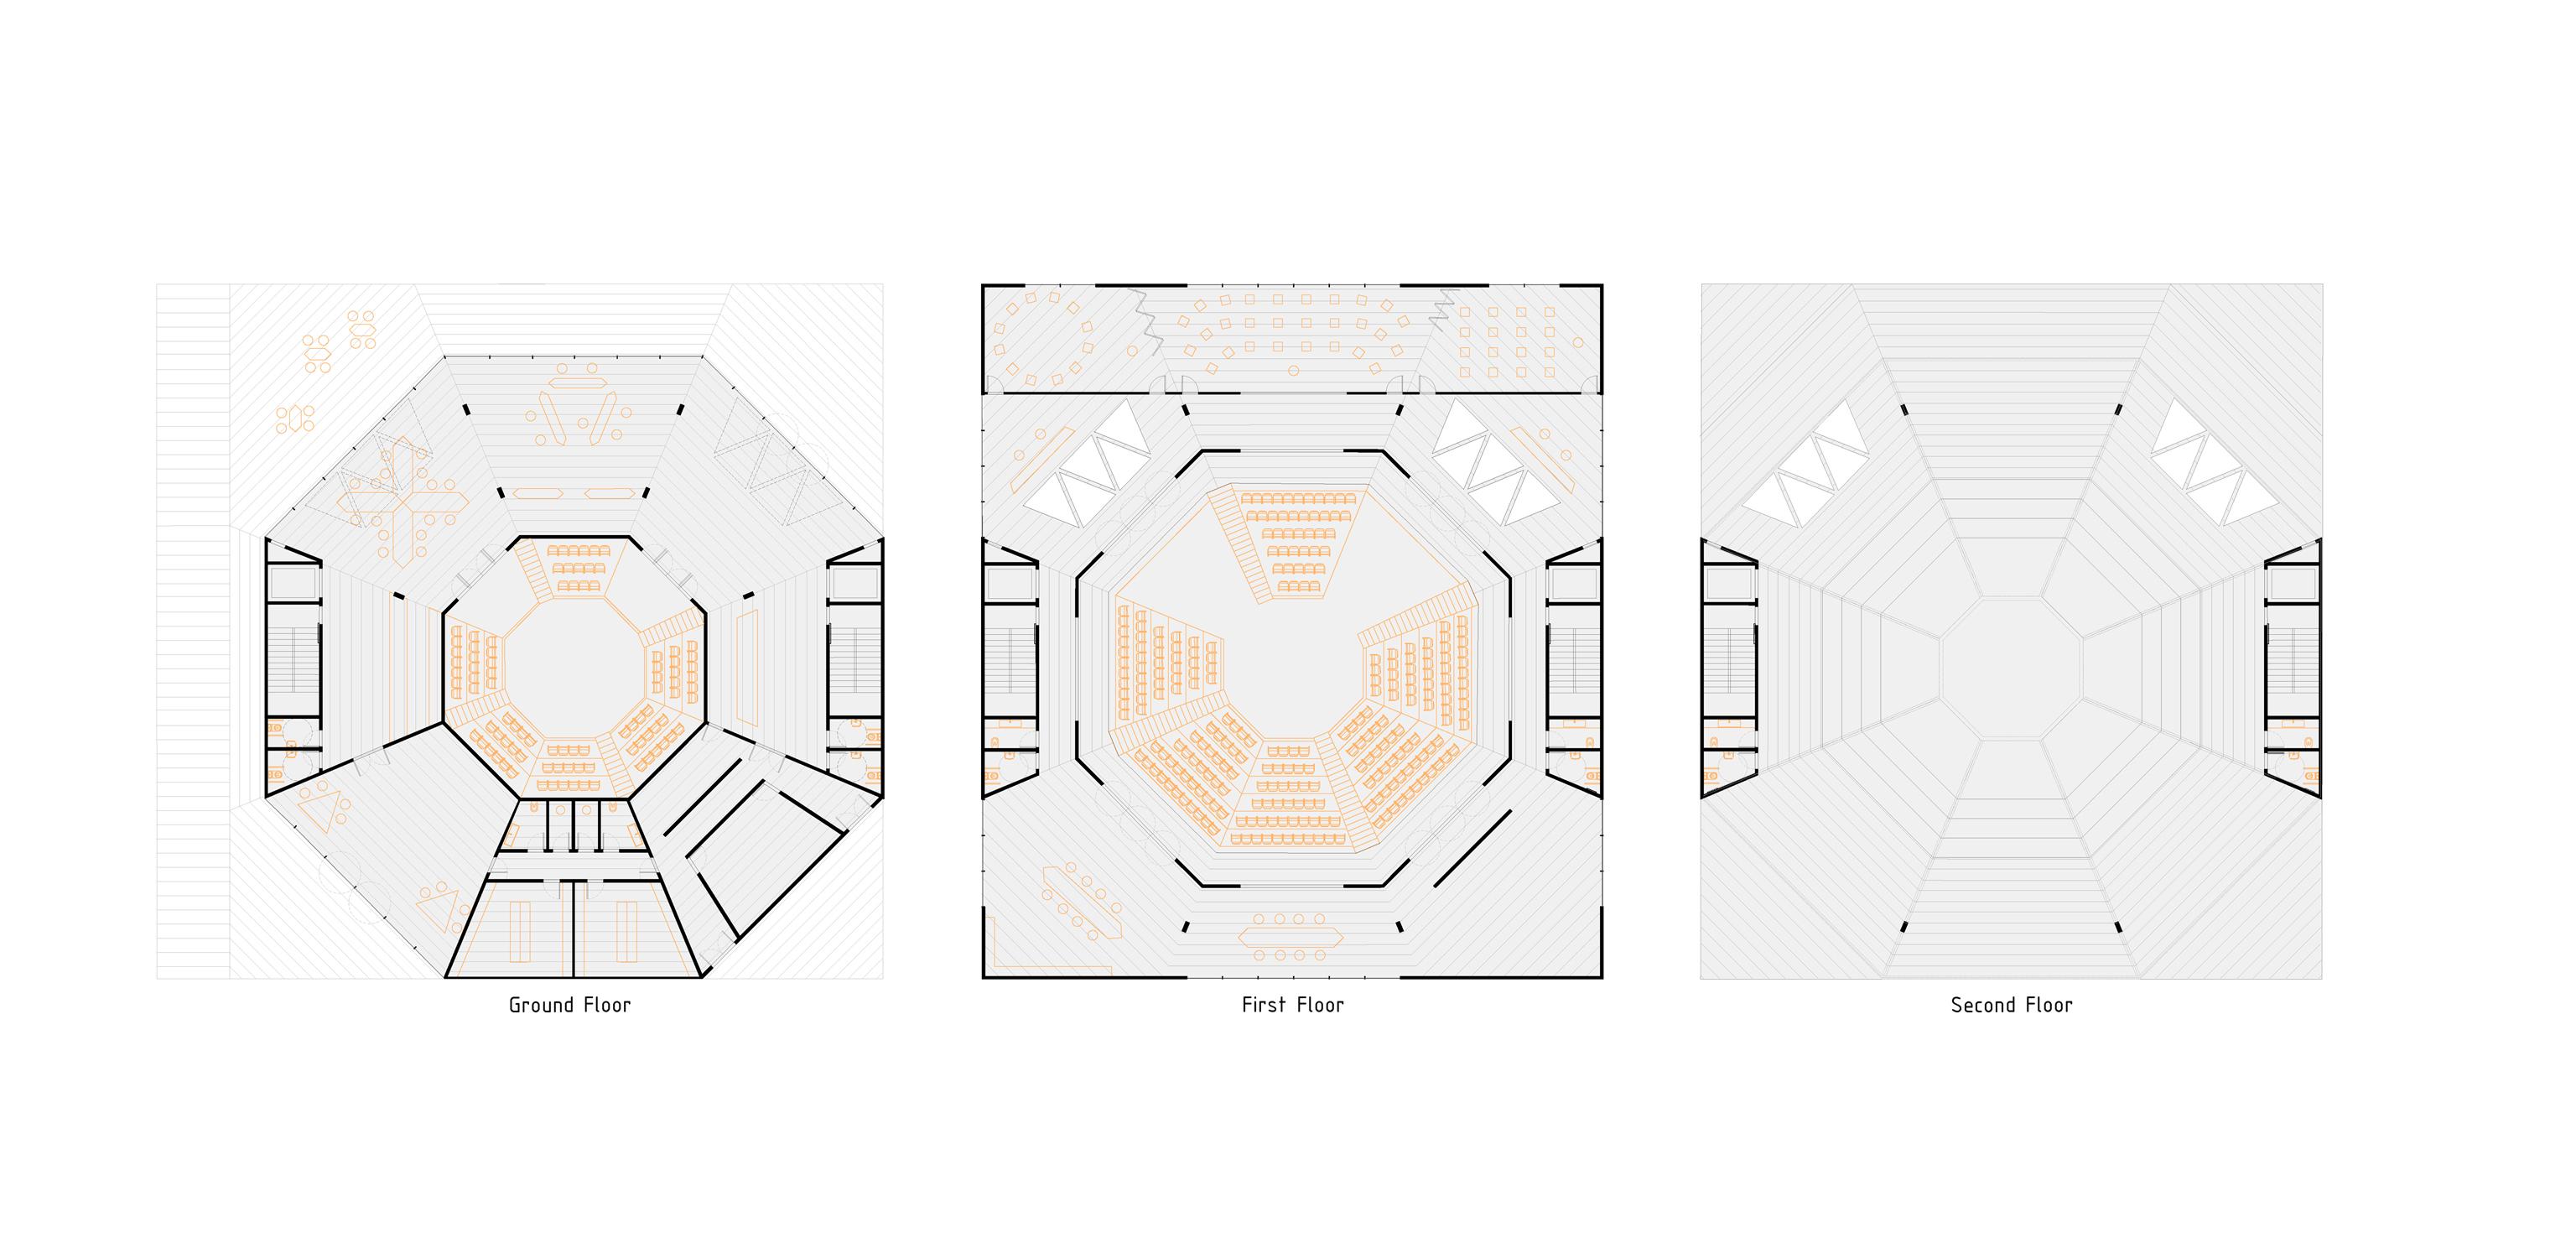 Cultural Centre Kiosco2 zU-studio architecture 03b